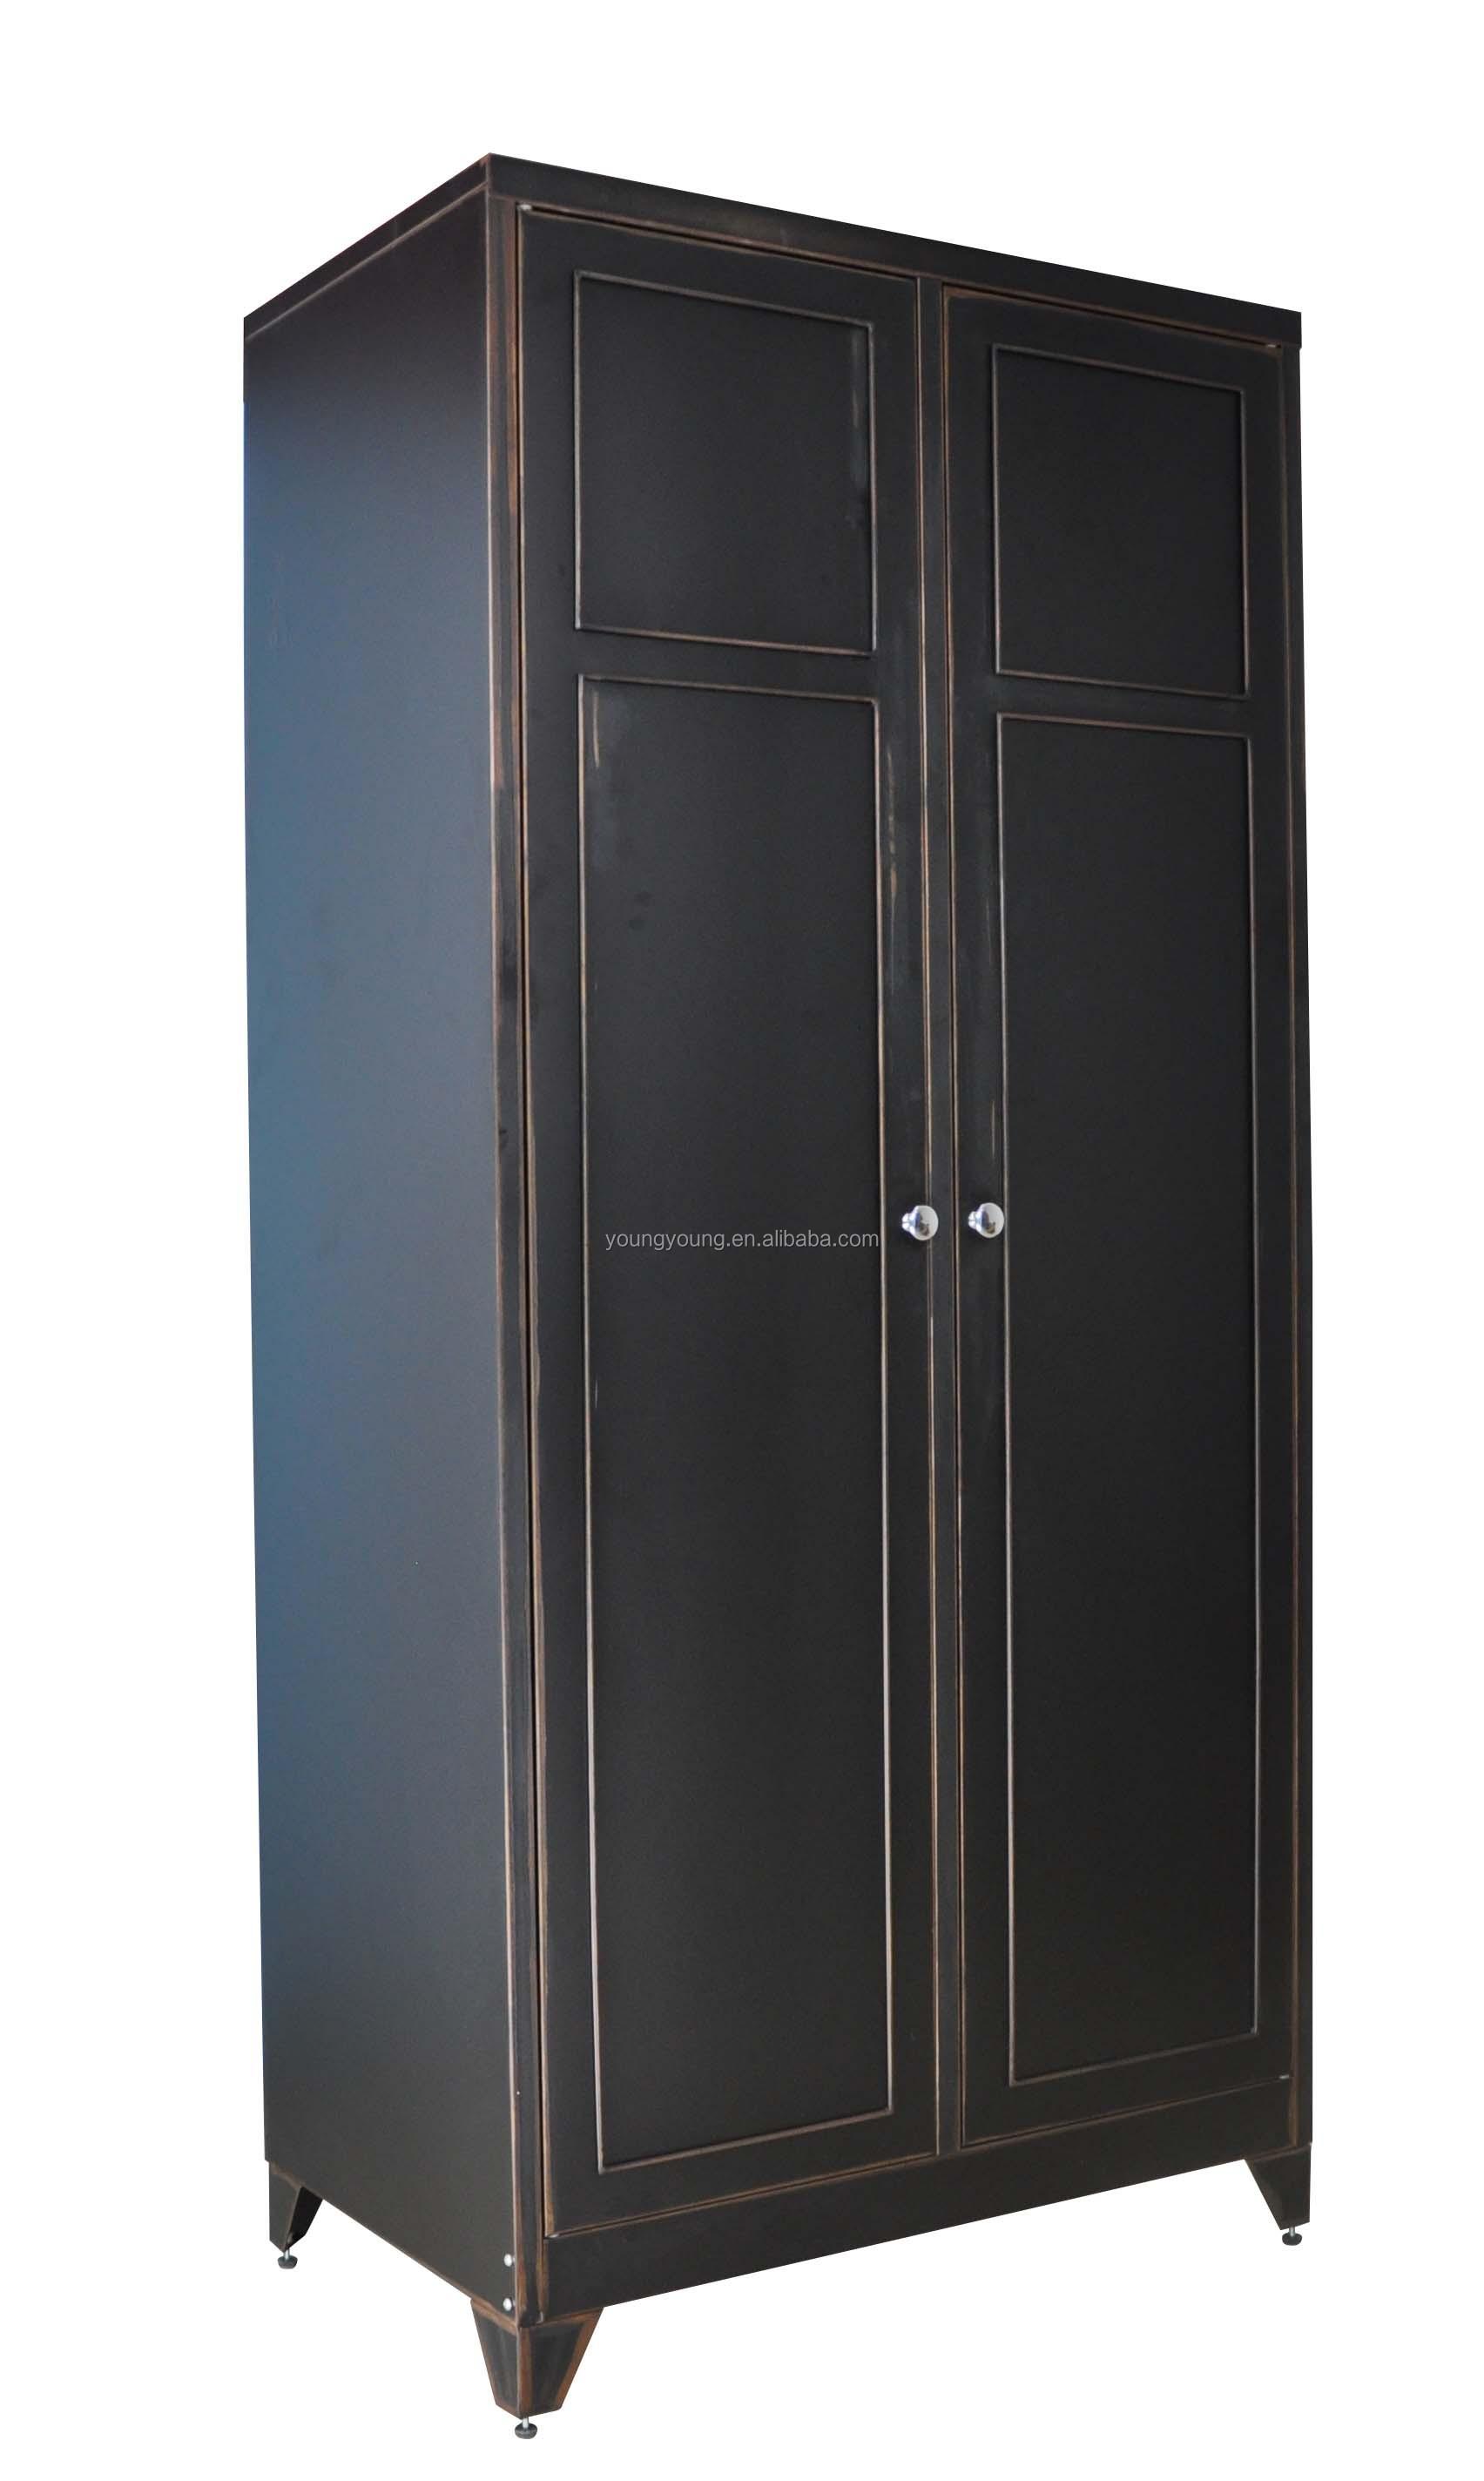 steel furniture antique bedroom wardrobe designs wardrobe cabinet buy antique steel wardrobe. Black Bedroom Furniture Sets. Home Design Ideas